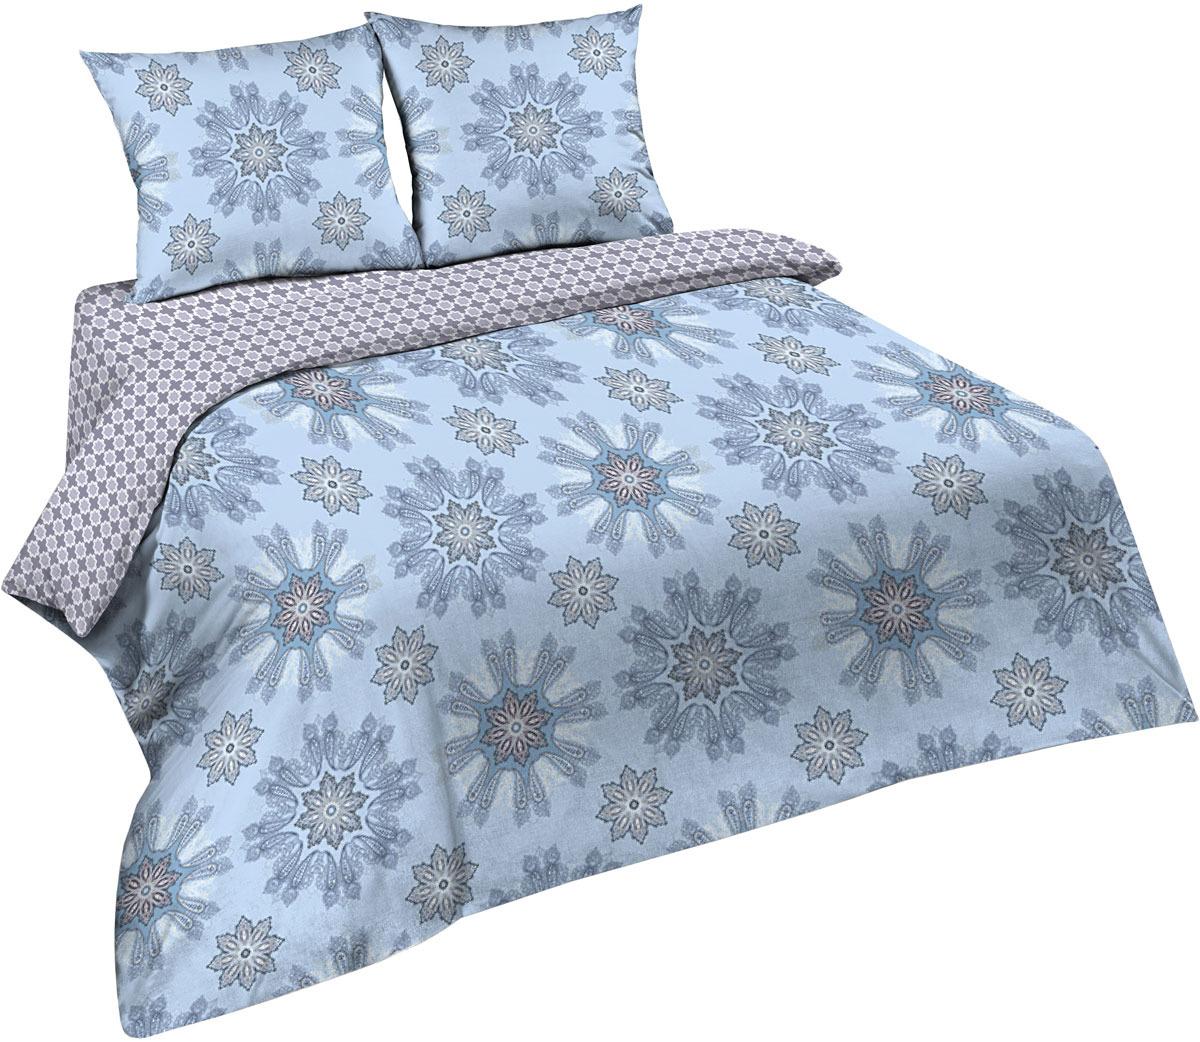 Комплект постельного белья Павлина Простые вещи, евро, наволочки 70x70, цвет: голубой александр вин простые очень простые вещи